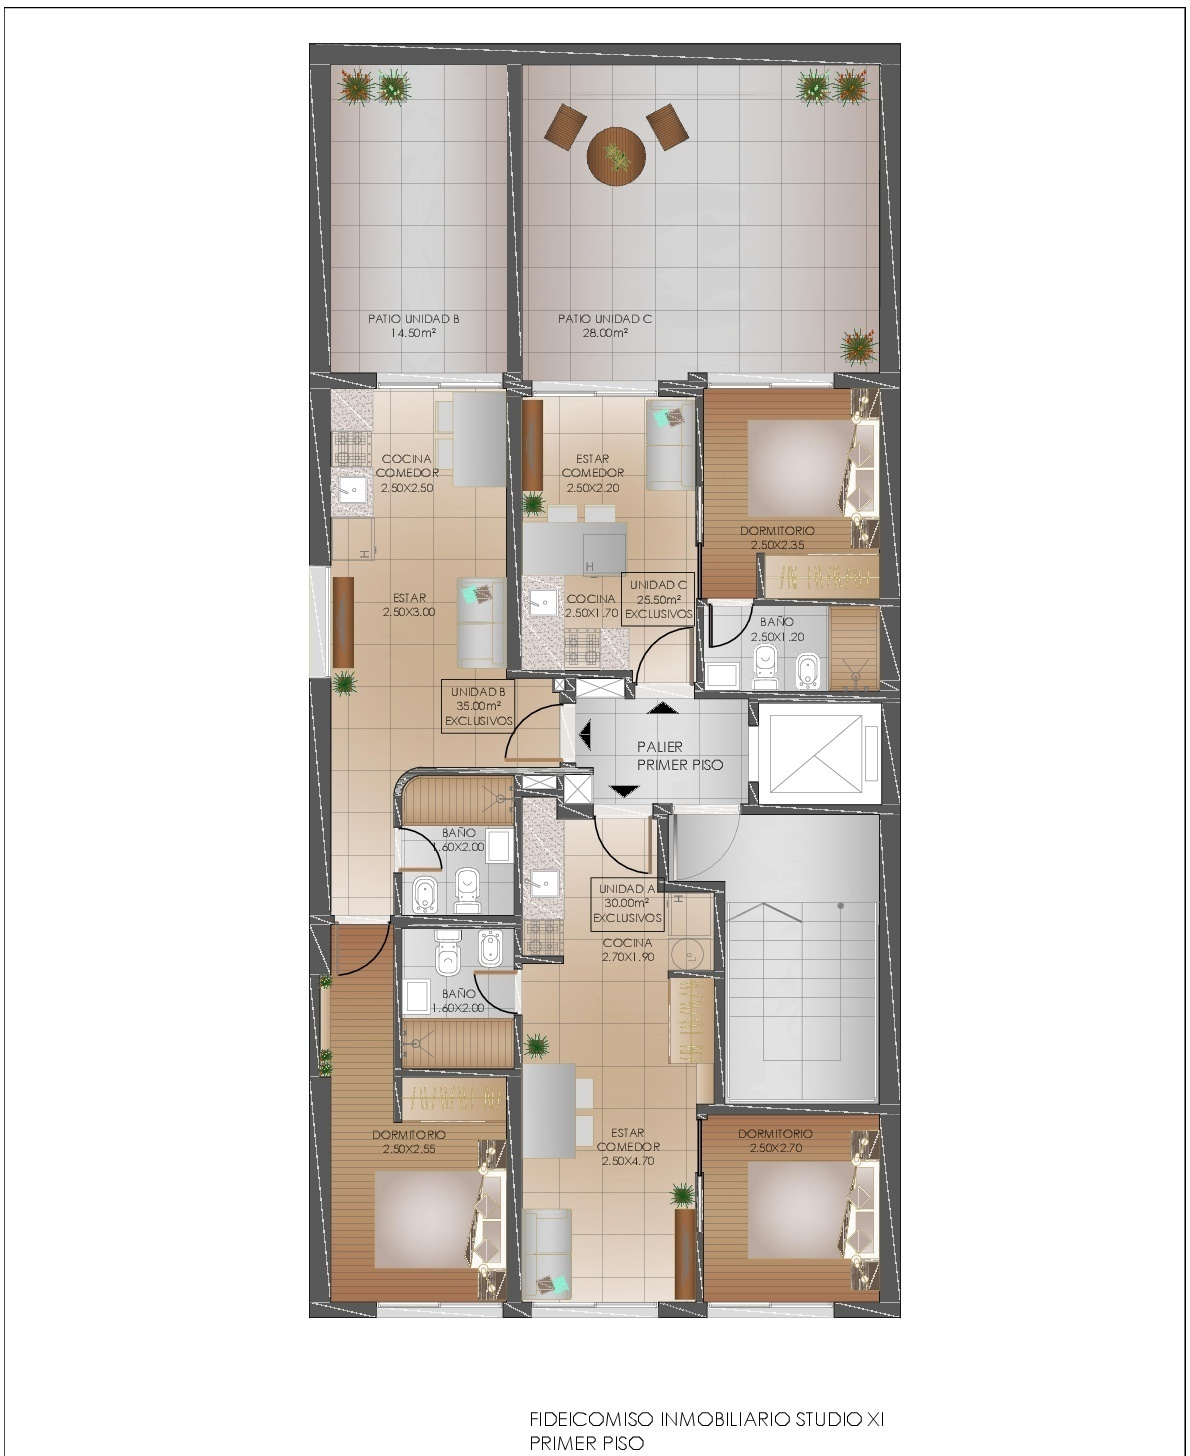 5 de 8: Planta 1er piso